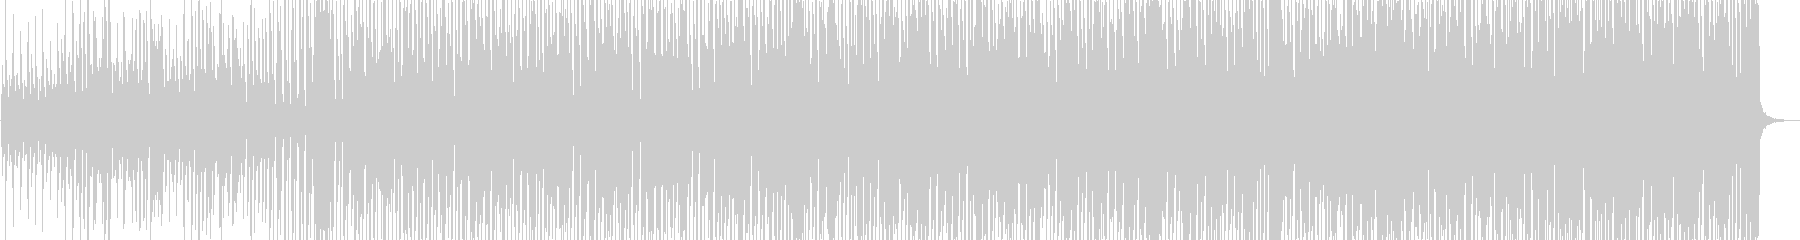 伝統的なジャズ ビバップ バラード...の未再生の波形